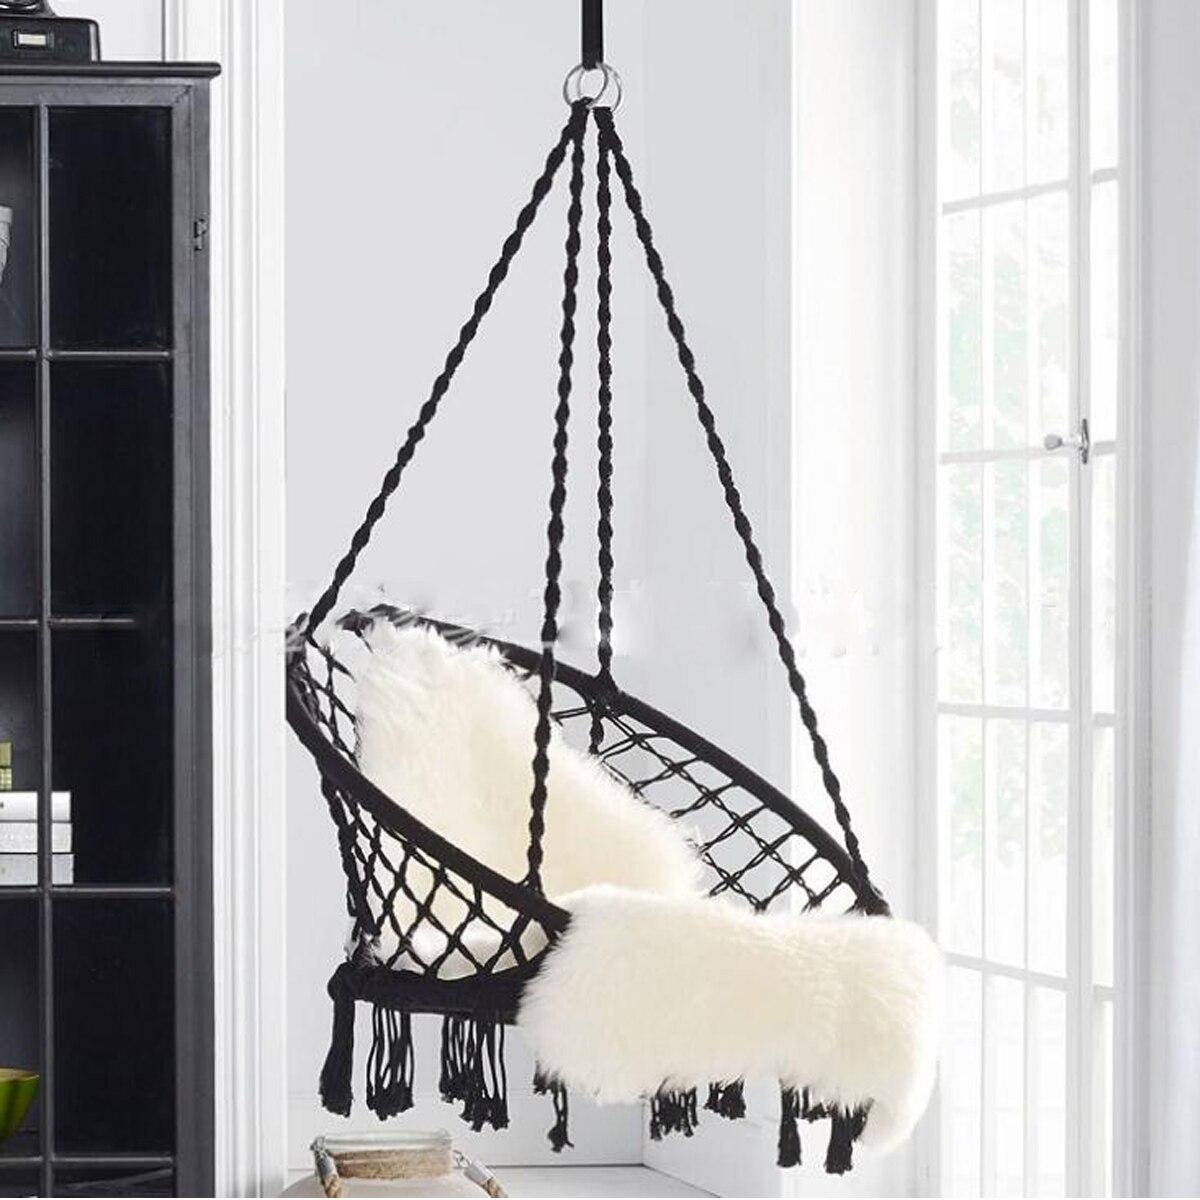 Style nordique Ronde Hamac En Plein Air Intérieur Dortoir Chambre Pour Enfant Adulte Balancer Suspendus Sécurité Unique Chaise Hamac